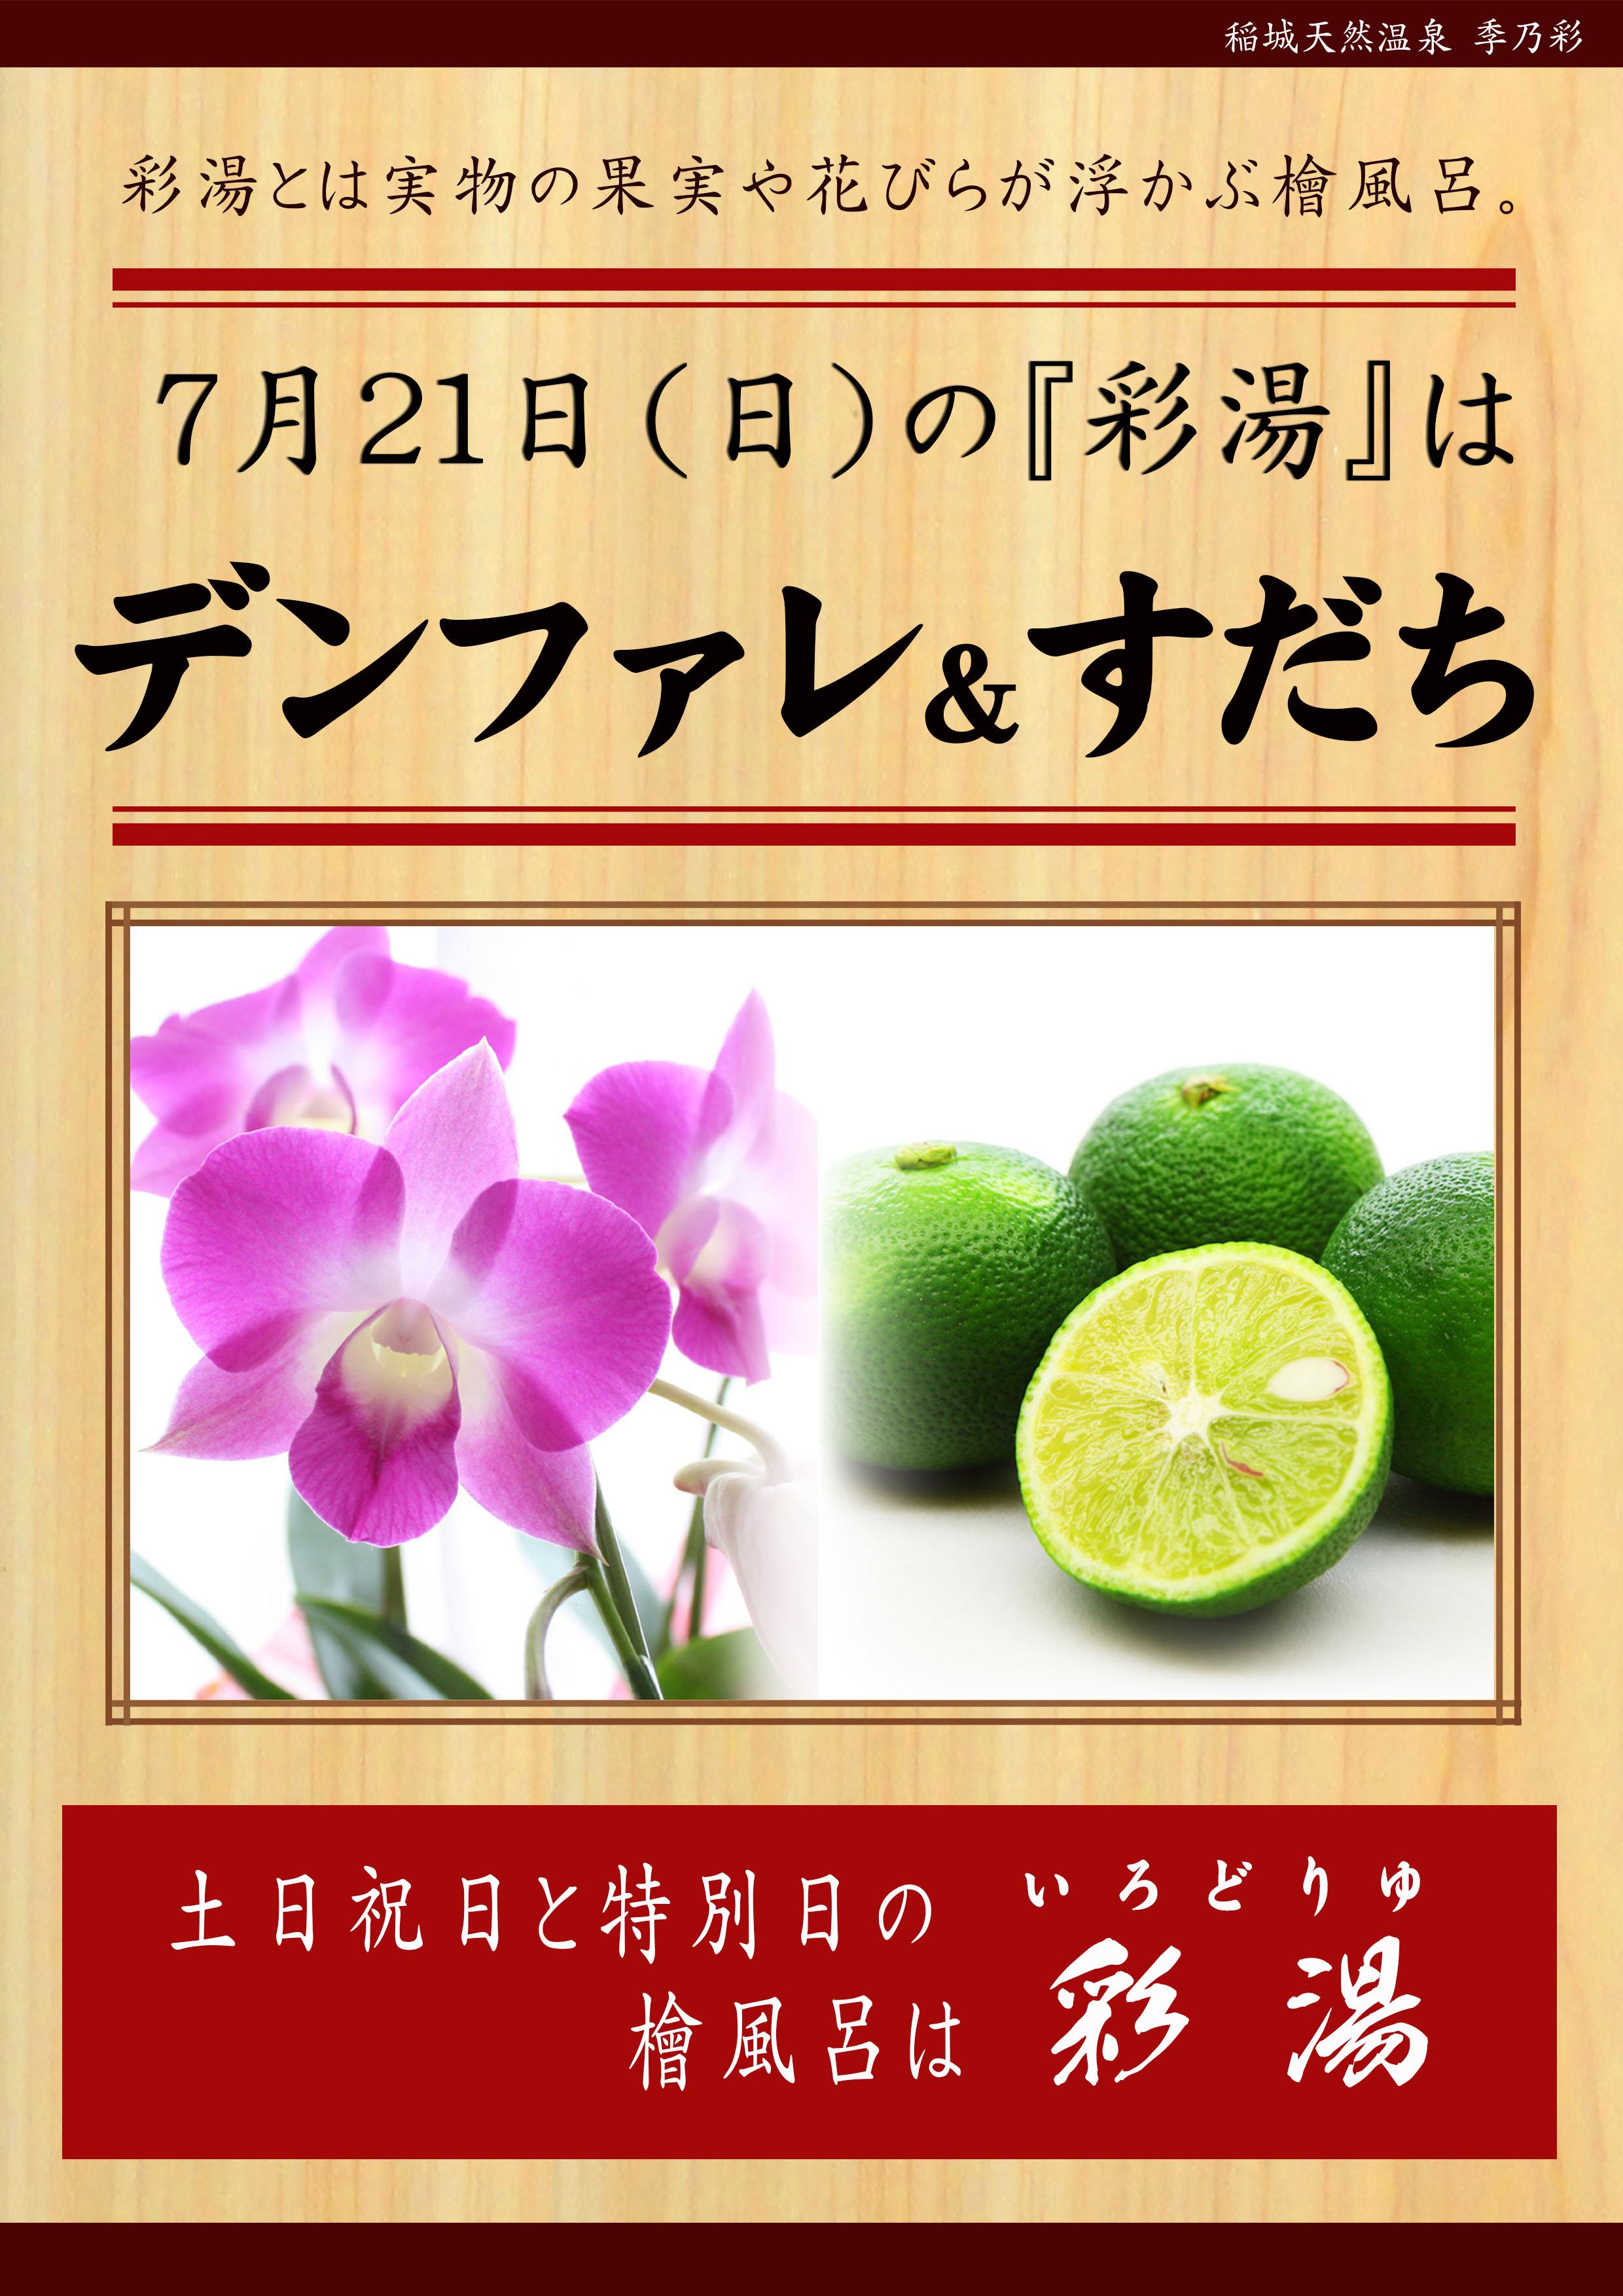 190721 イベント 彩湯 デンファレ・すだち